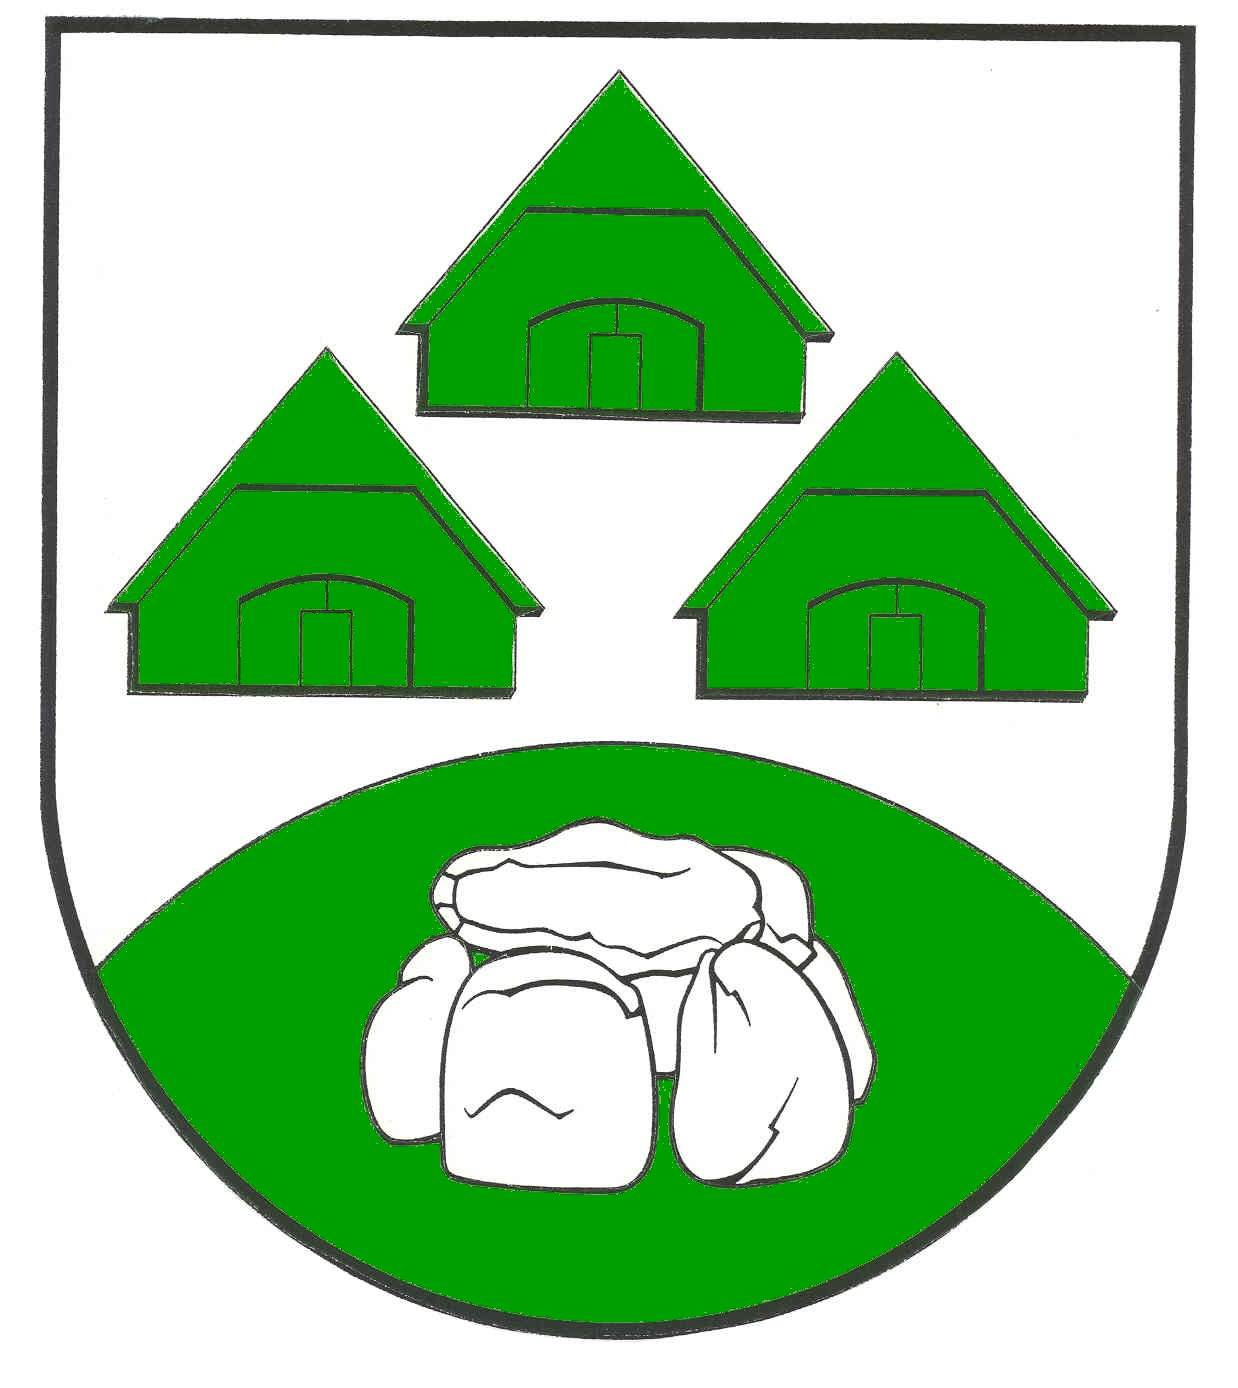 Wappen GemeindeBargenstedt, Kreis Dithmarschen